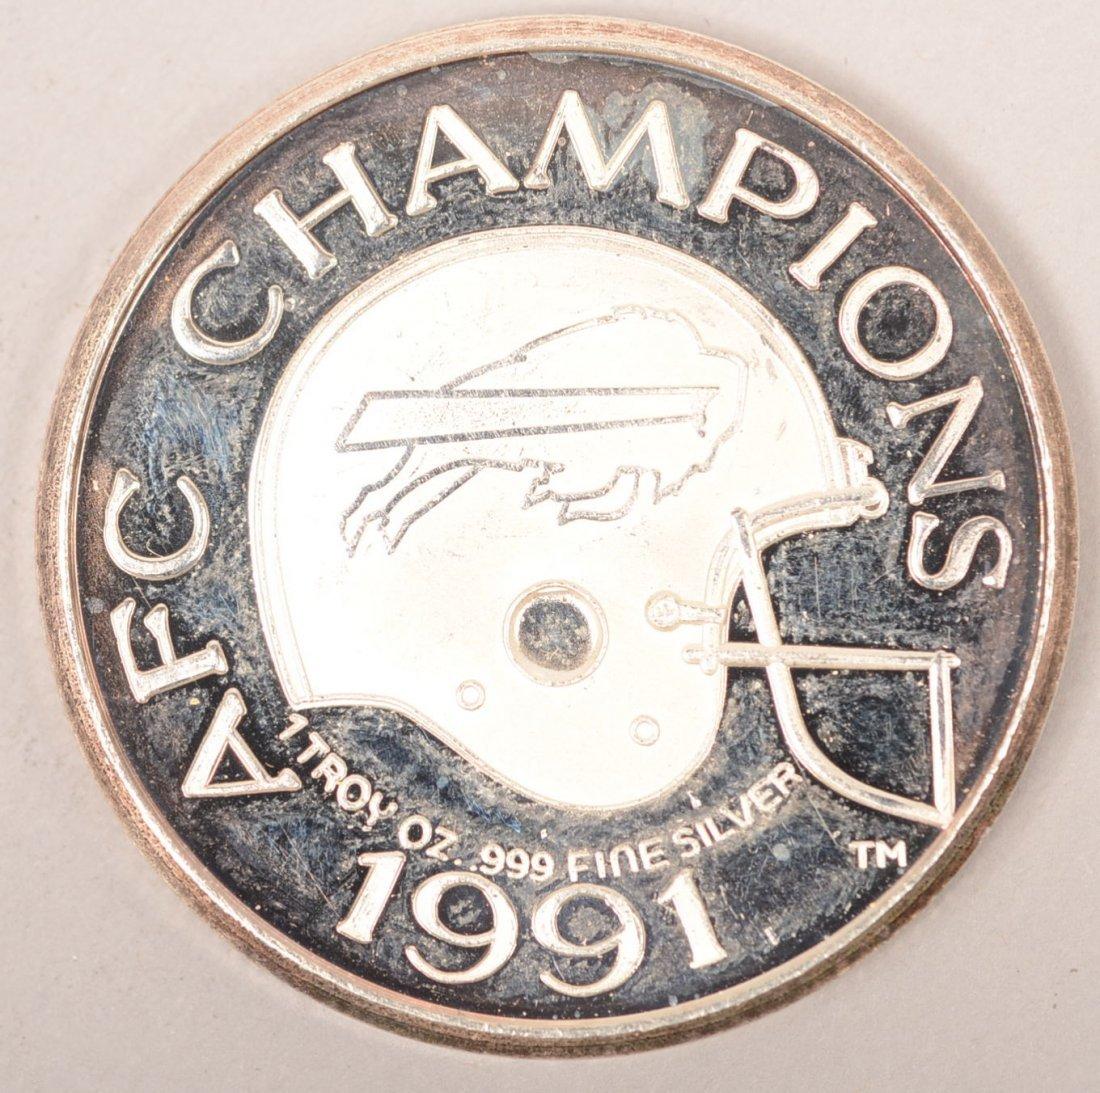 1991 Buffalo Bills 1 Troy Oz Round Silver Coin